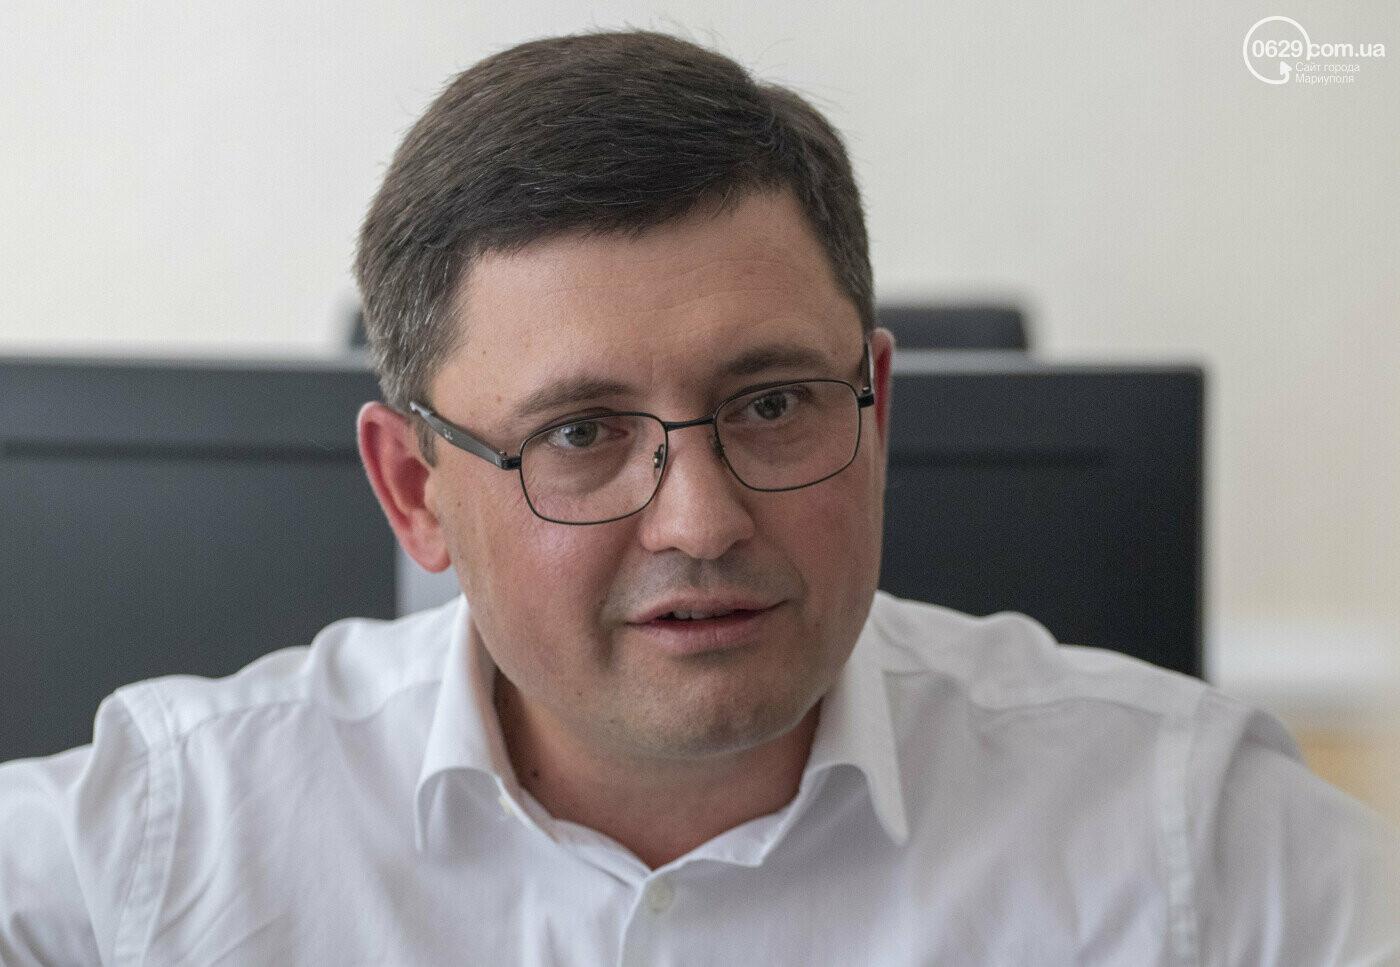 Выборы-2020: кто в Мариуполе претендует на кресло мэра, и что известно о кандидатах, фото-1